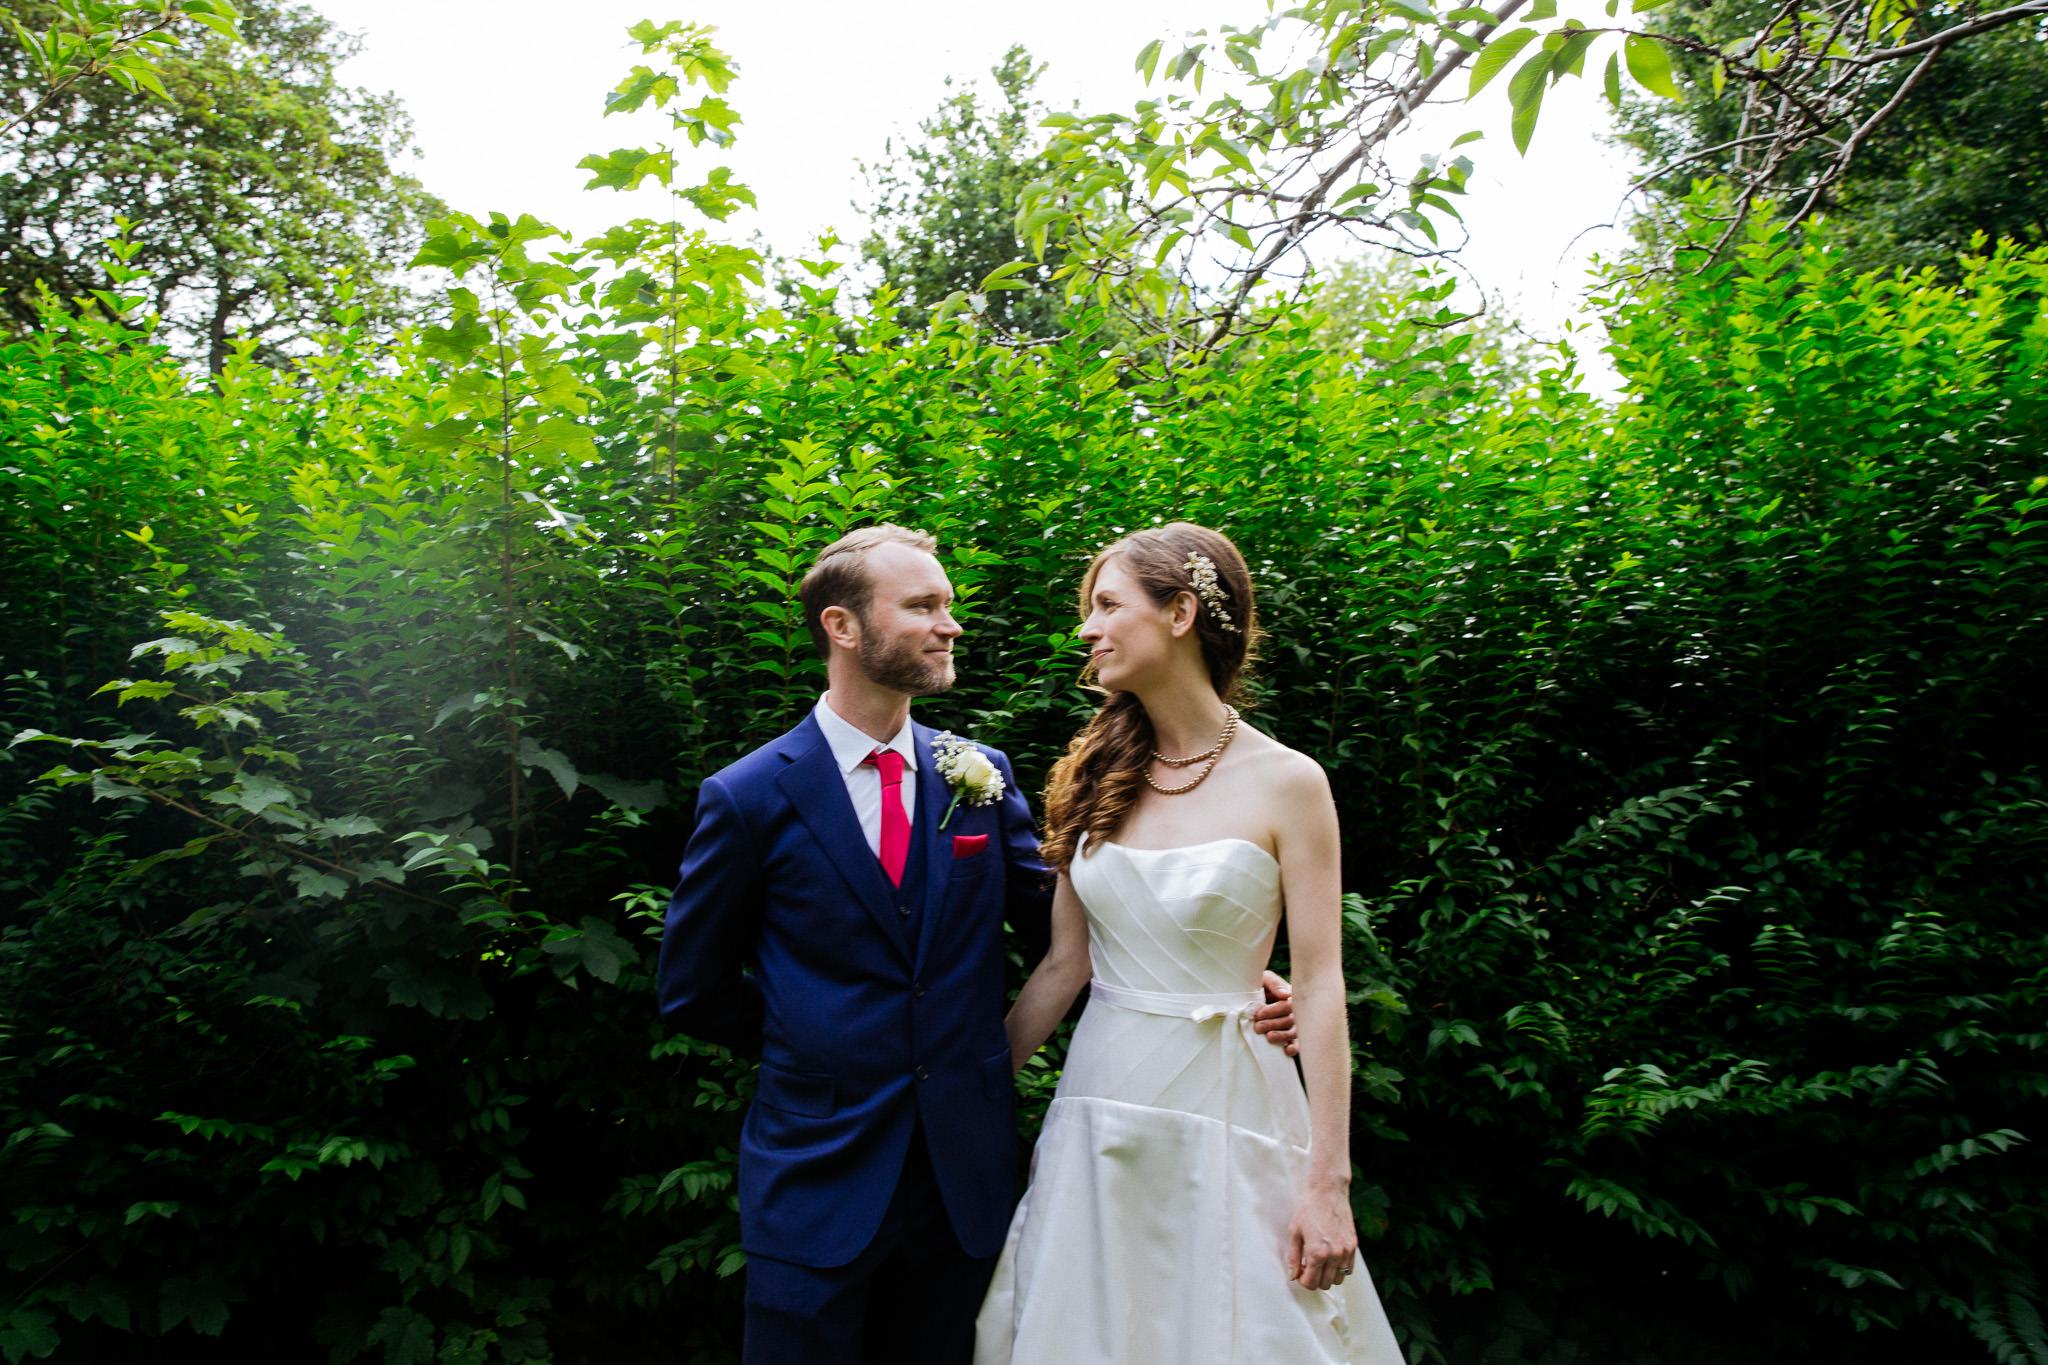 Eavan & Neill // Wedding // Dublin City